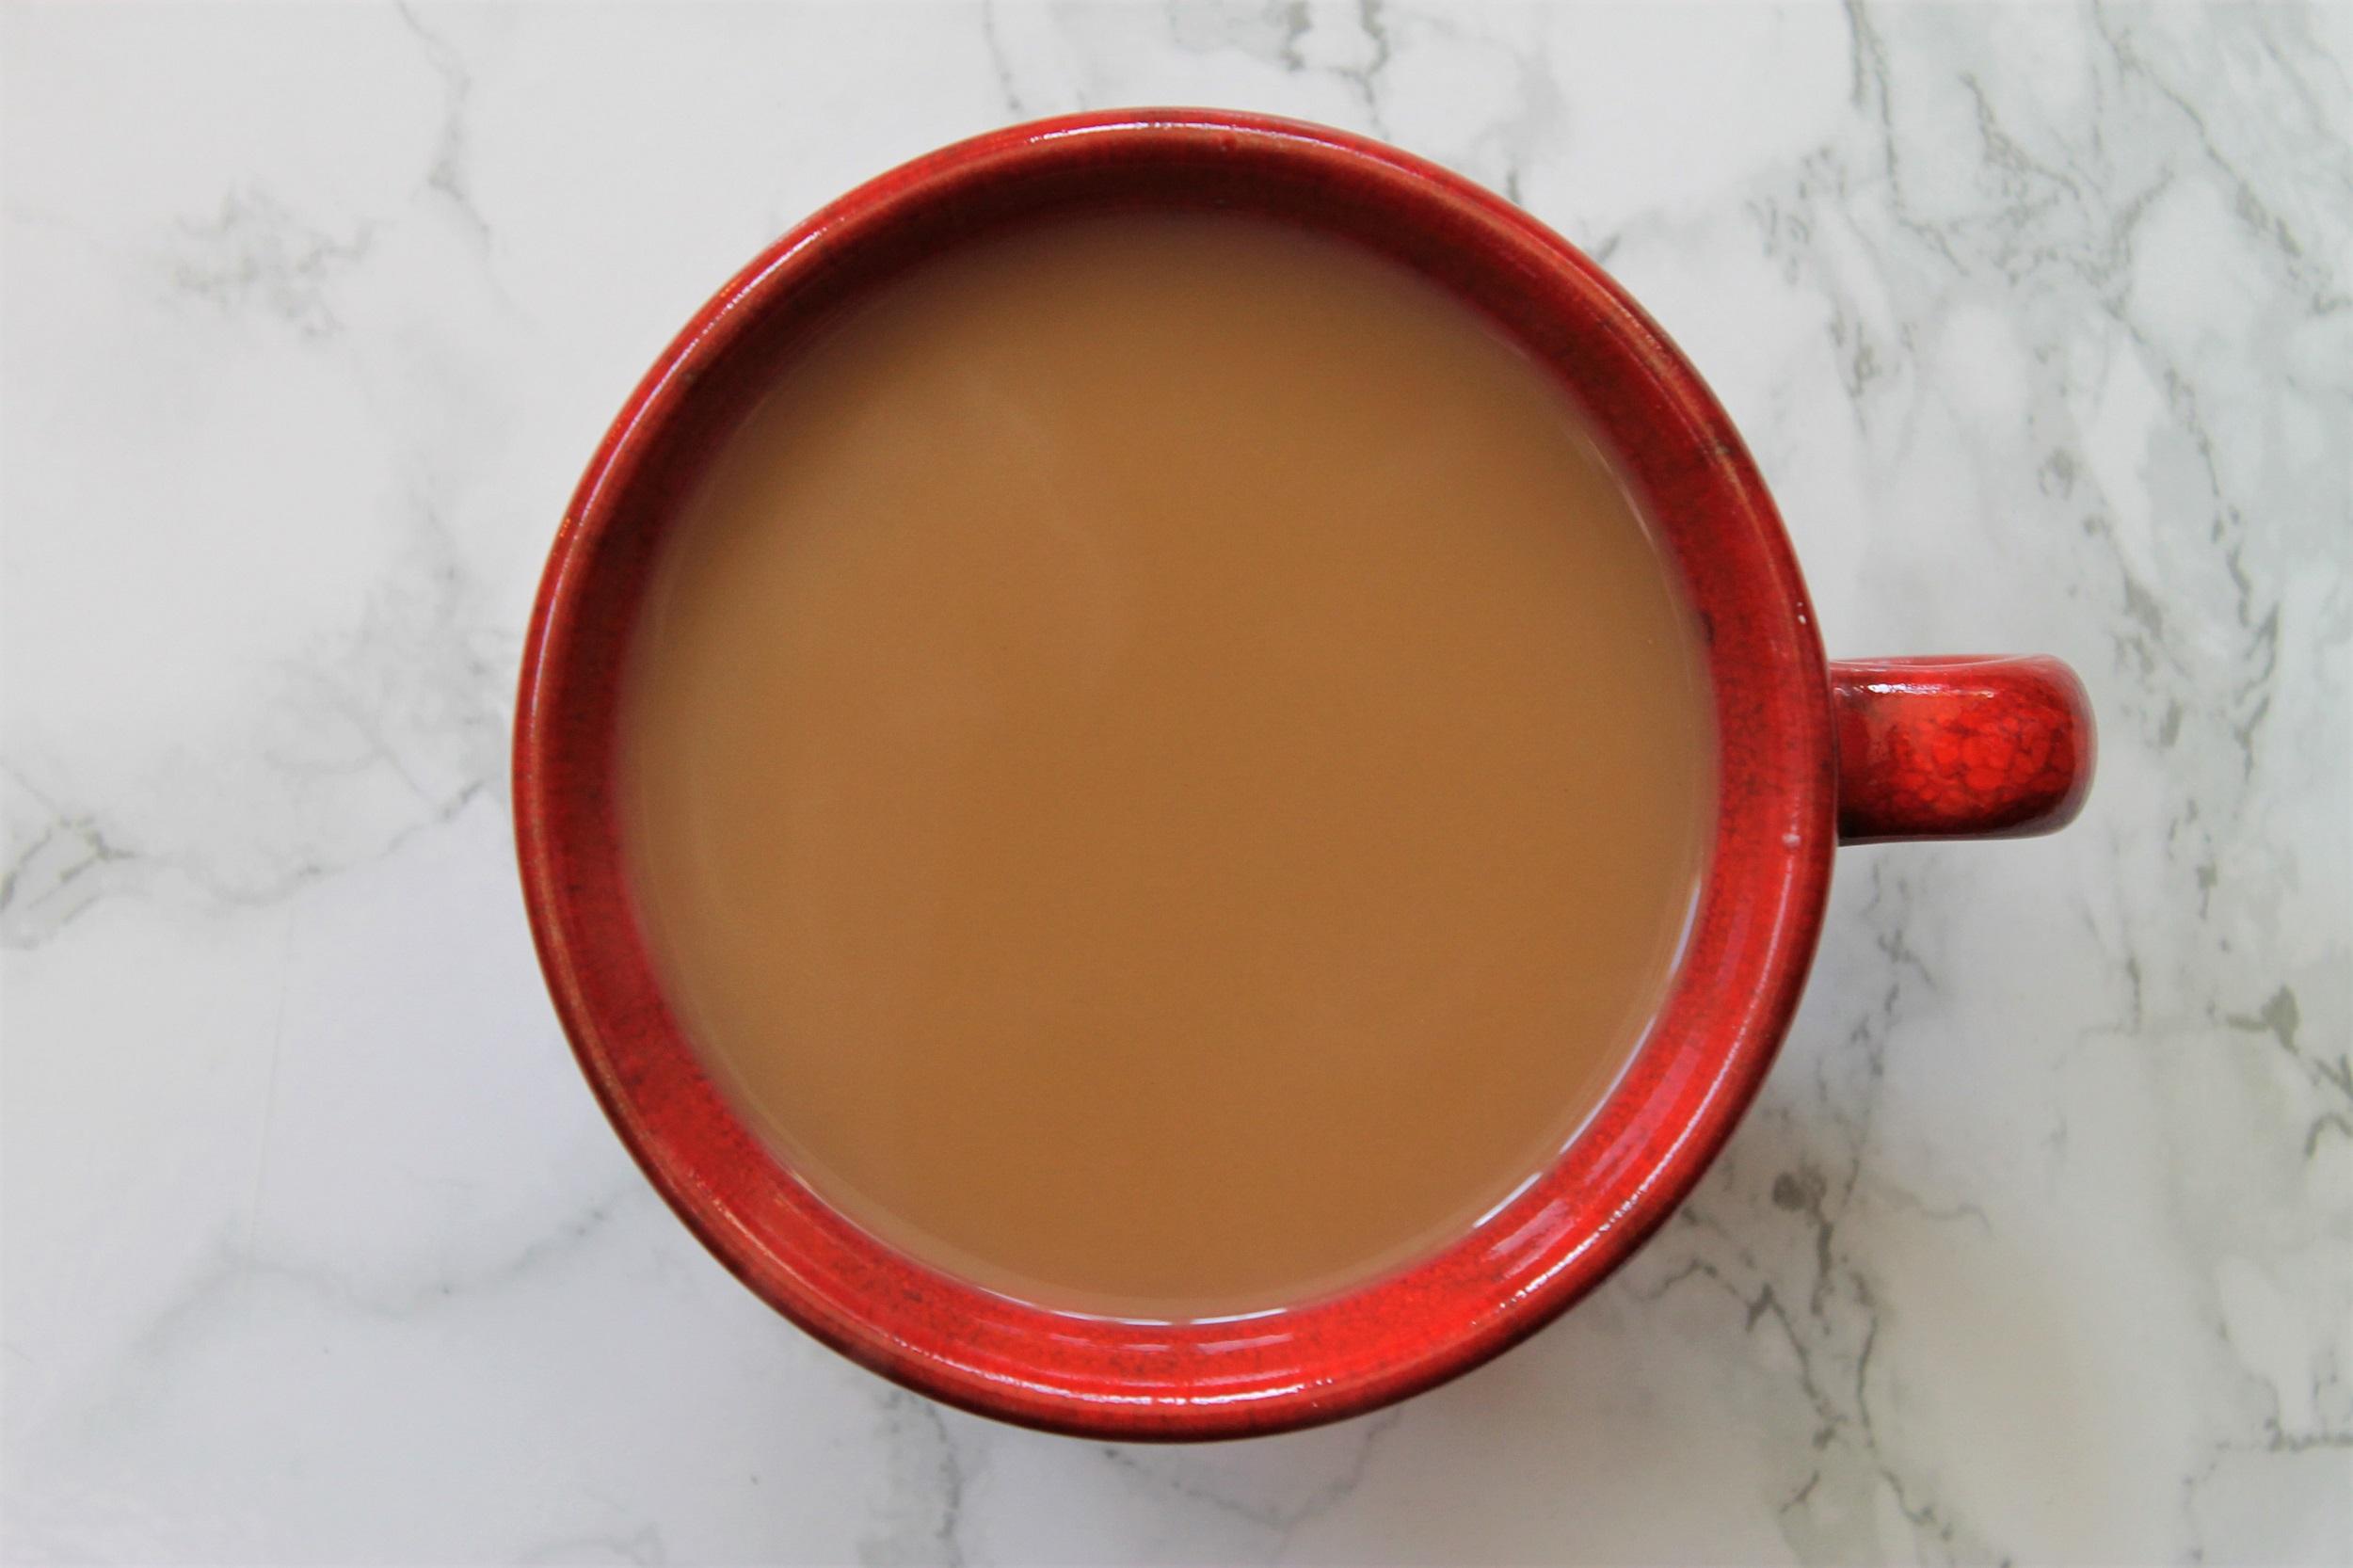 milk tea in red teacup